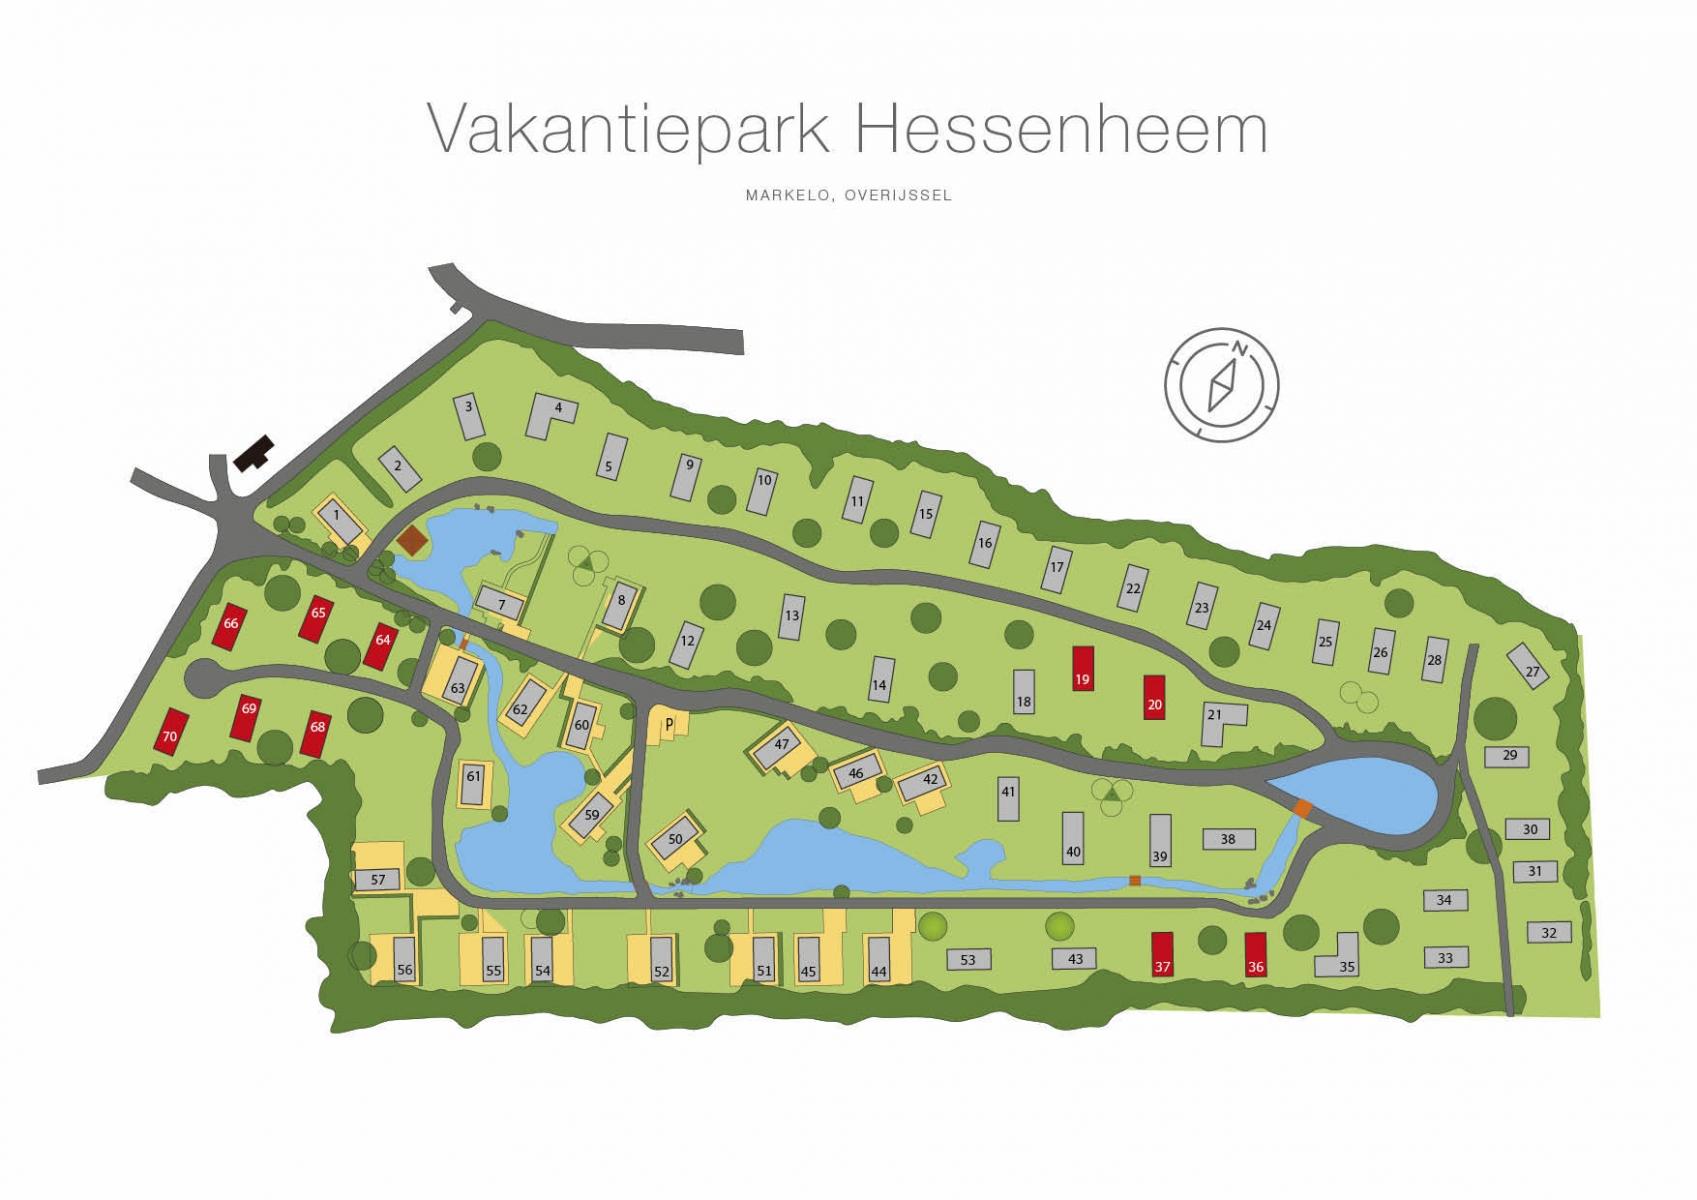 Vakantiepark Hessenheem